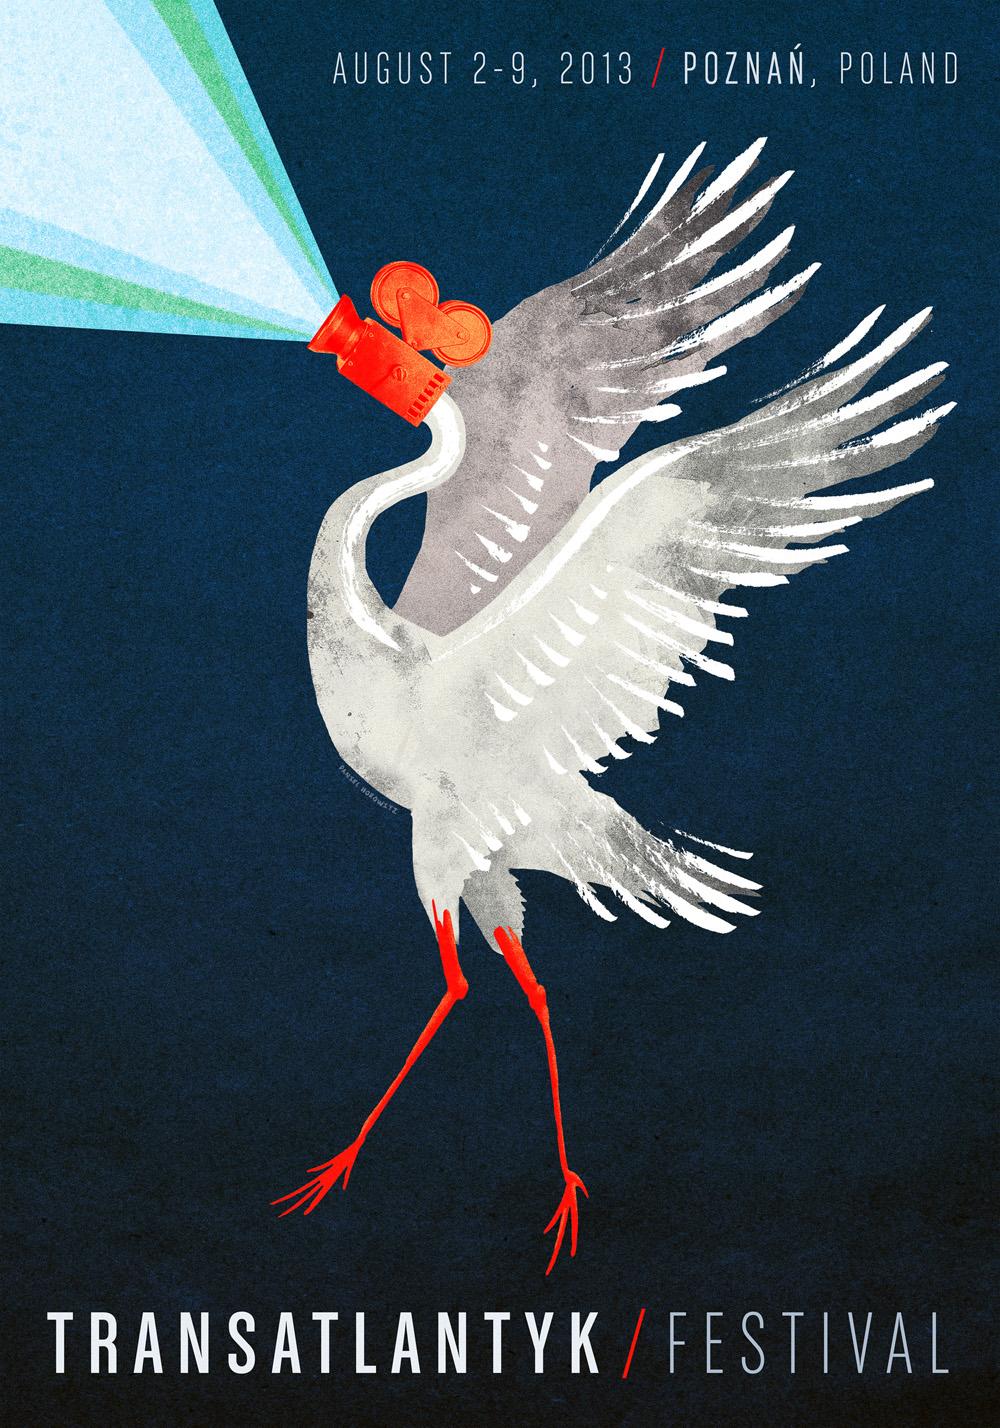 Transatlantyk Festival poster , 2013